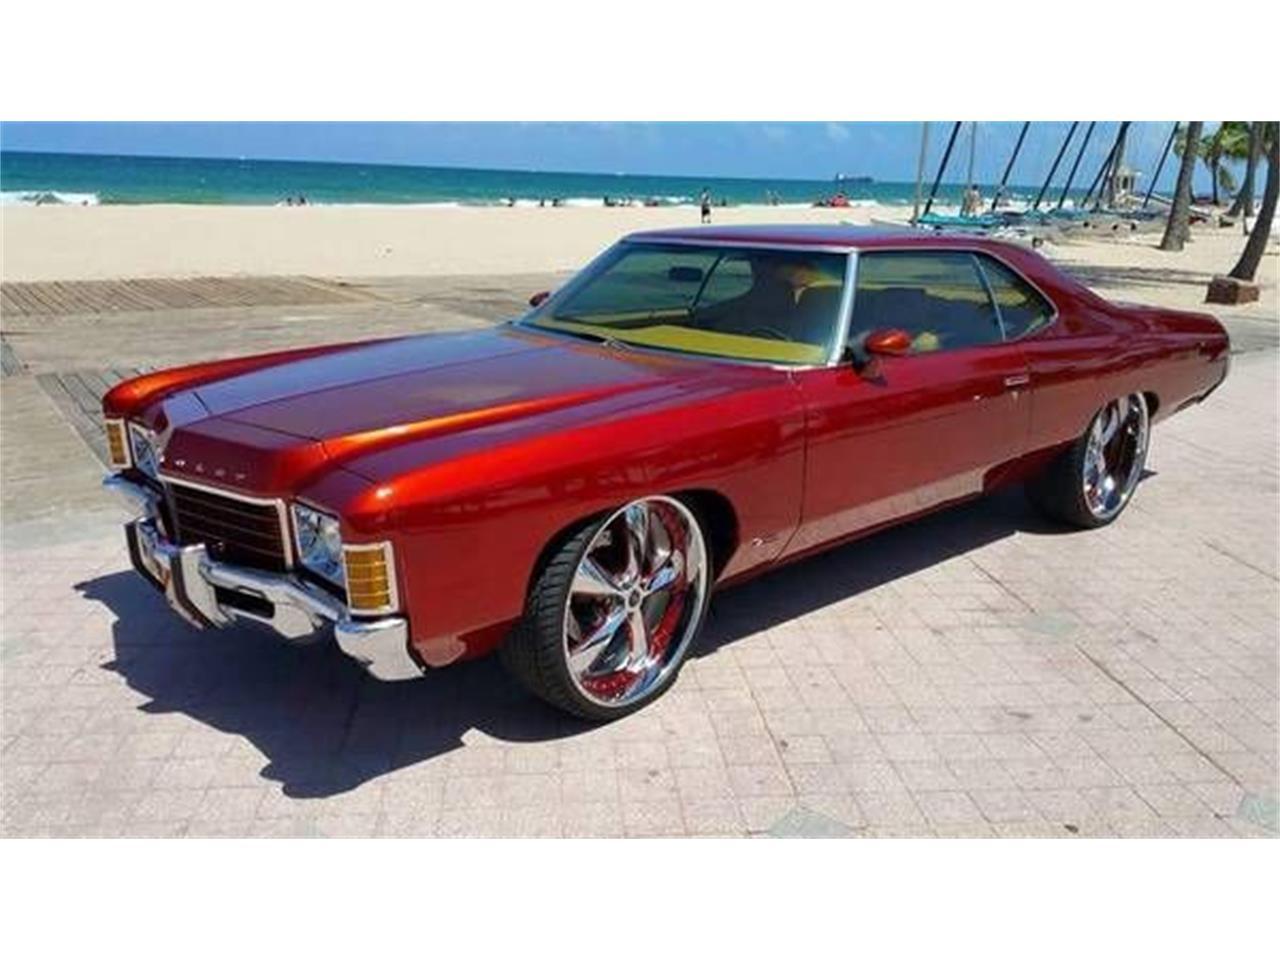 1971 Chevrolet Impala For Sale Classiccars Com Cc 1168114